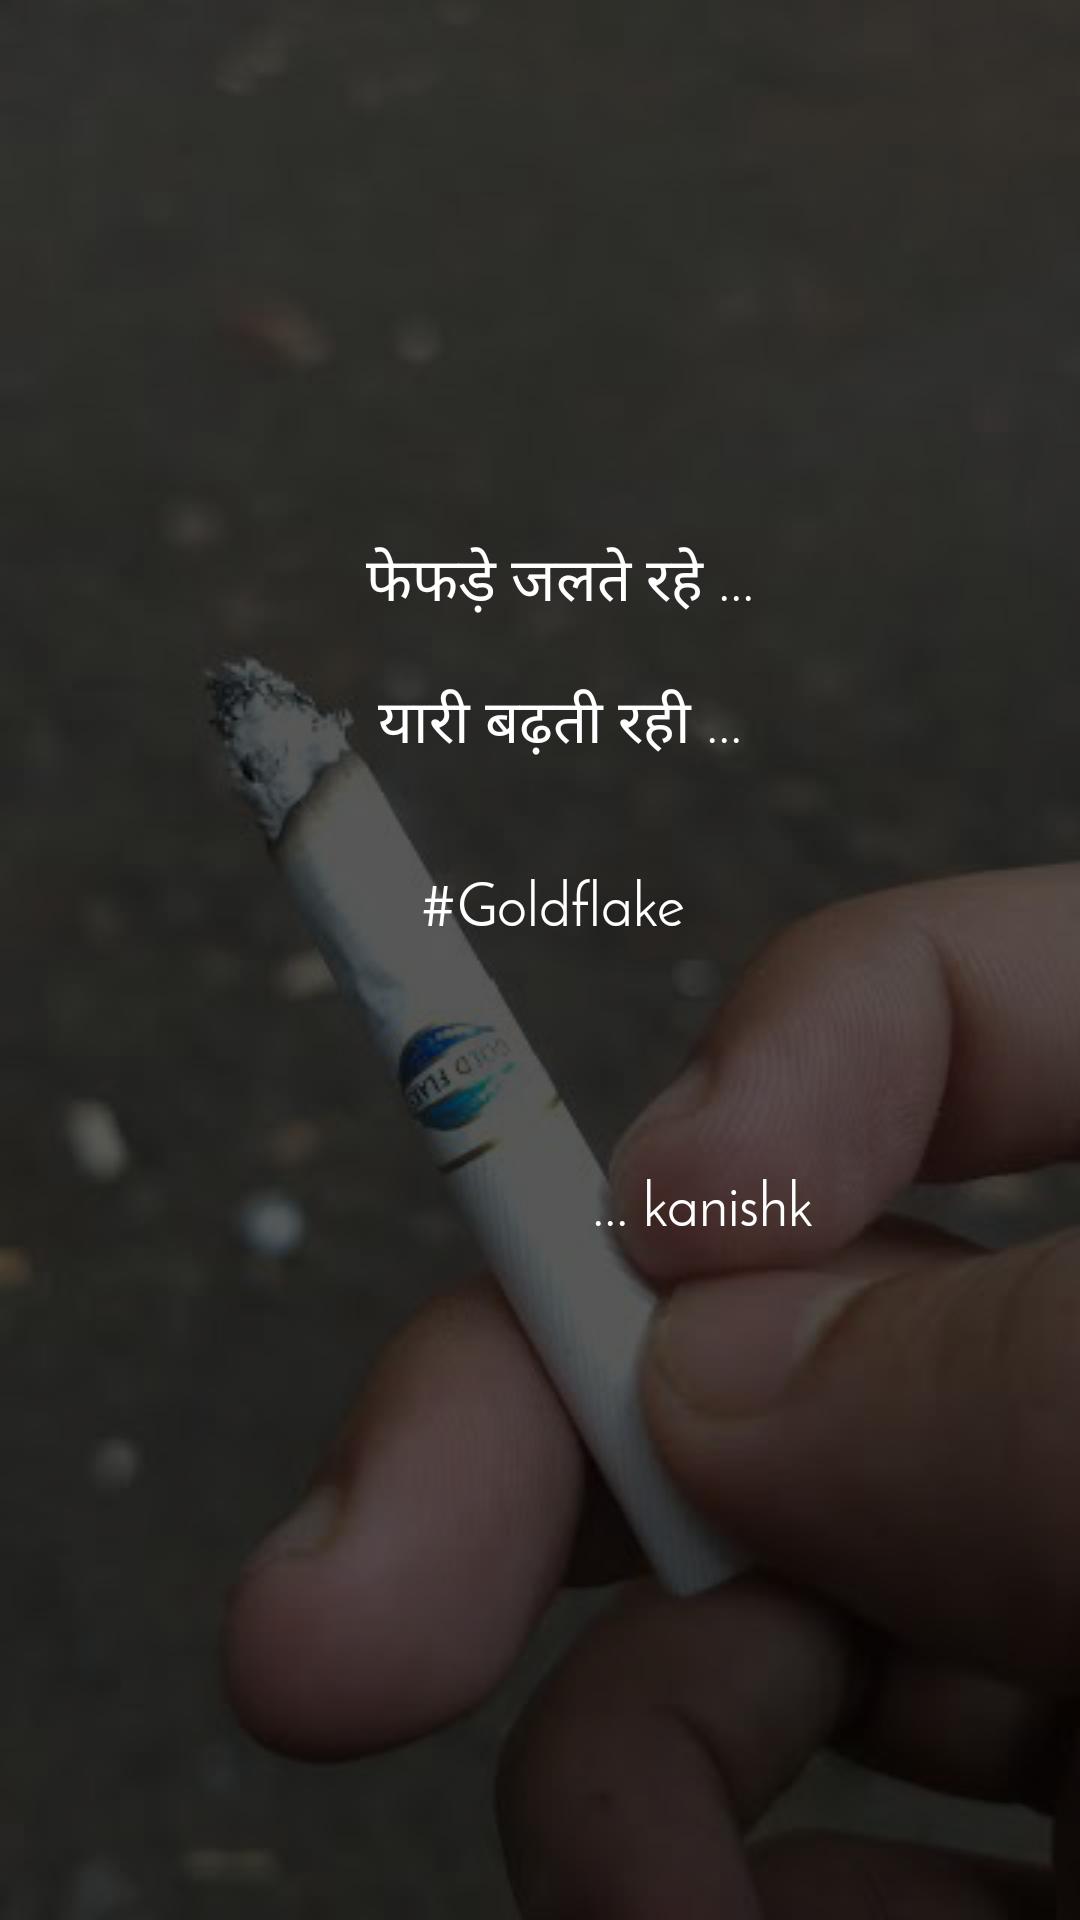 फेफड़े जलते रहे ...  यारी बढ़ती रही ...   #Goldflake                         ... kanishk